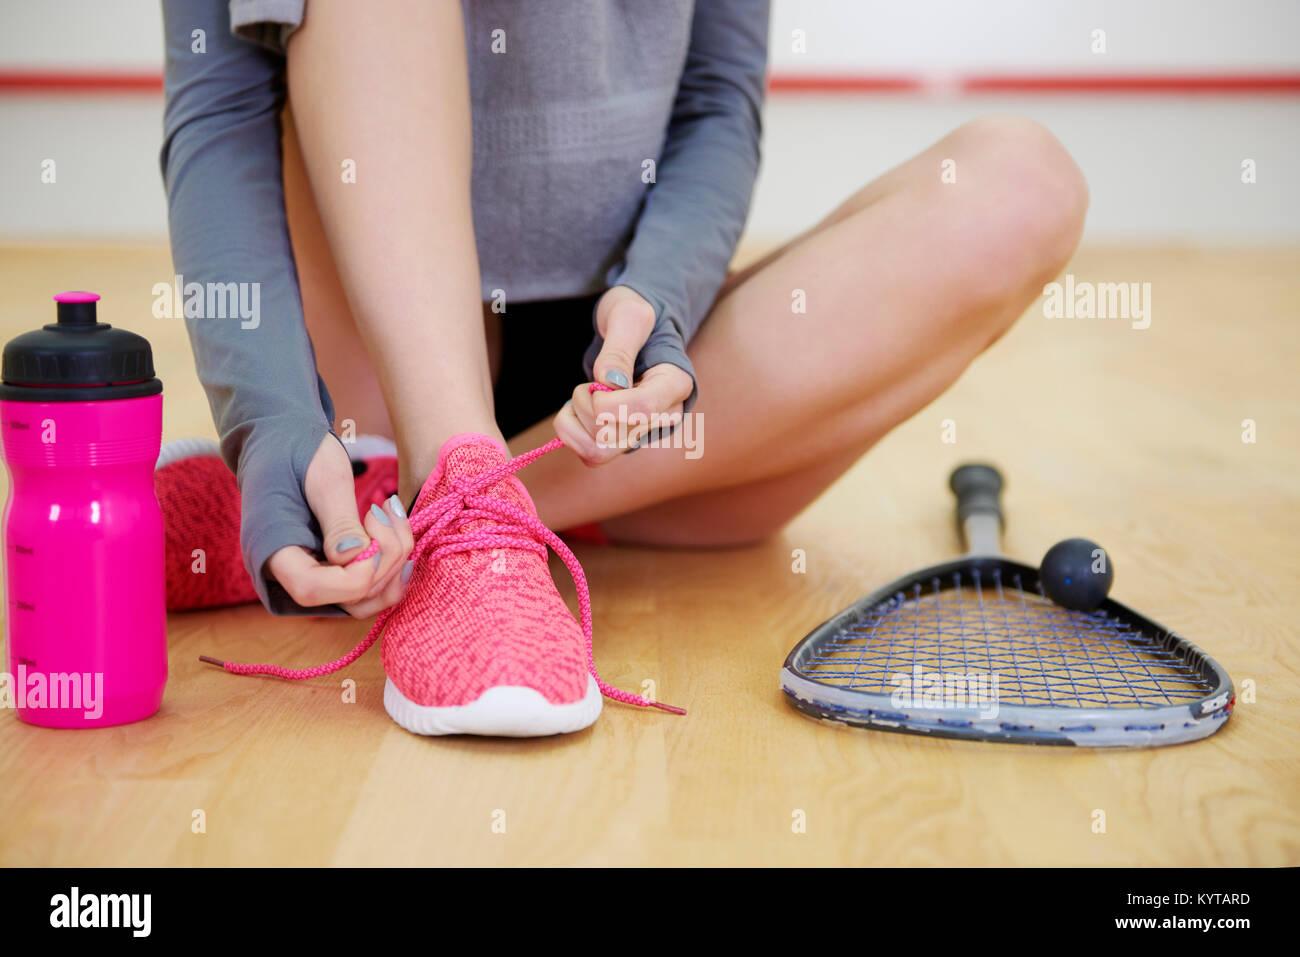 Irreconocible mujer calzado deportivo atado en la corte Imagen De Stock ce53a0c7ccf8